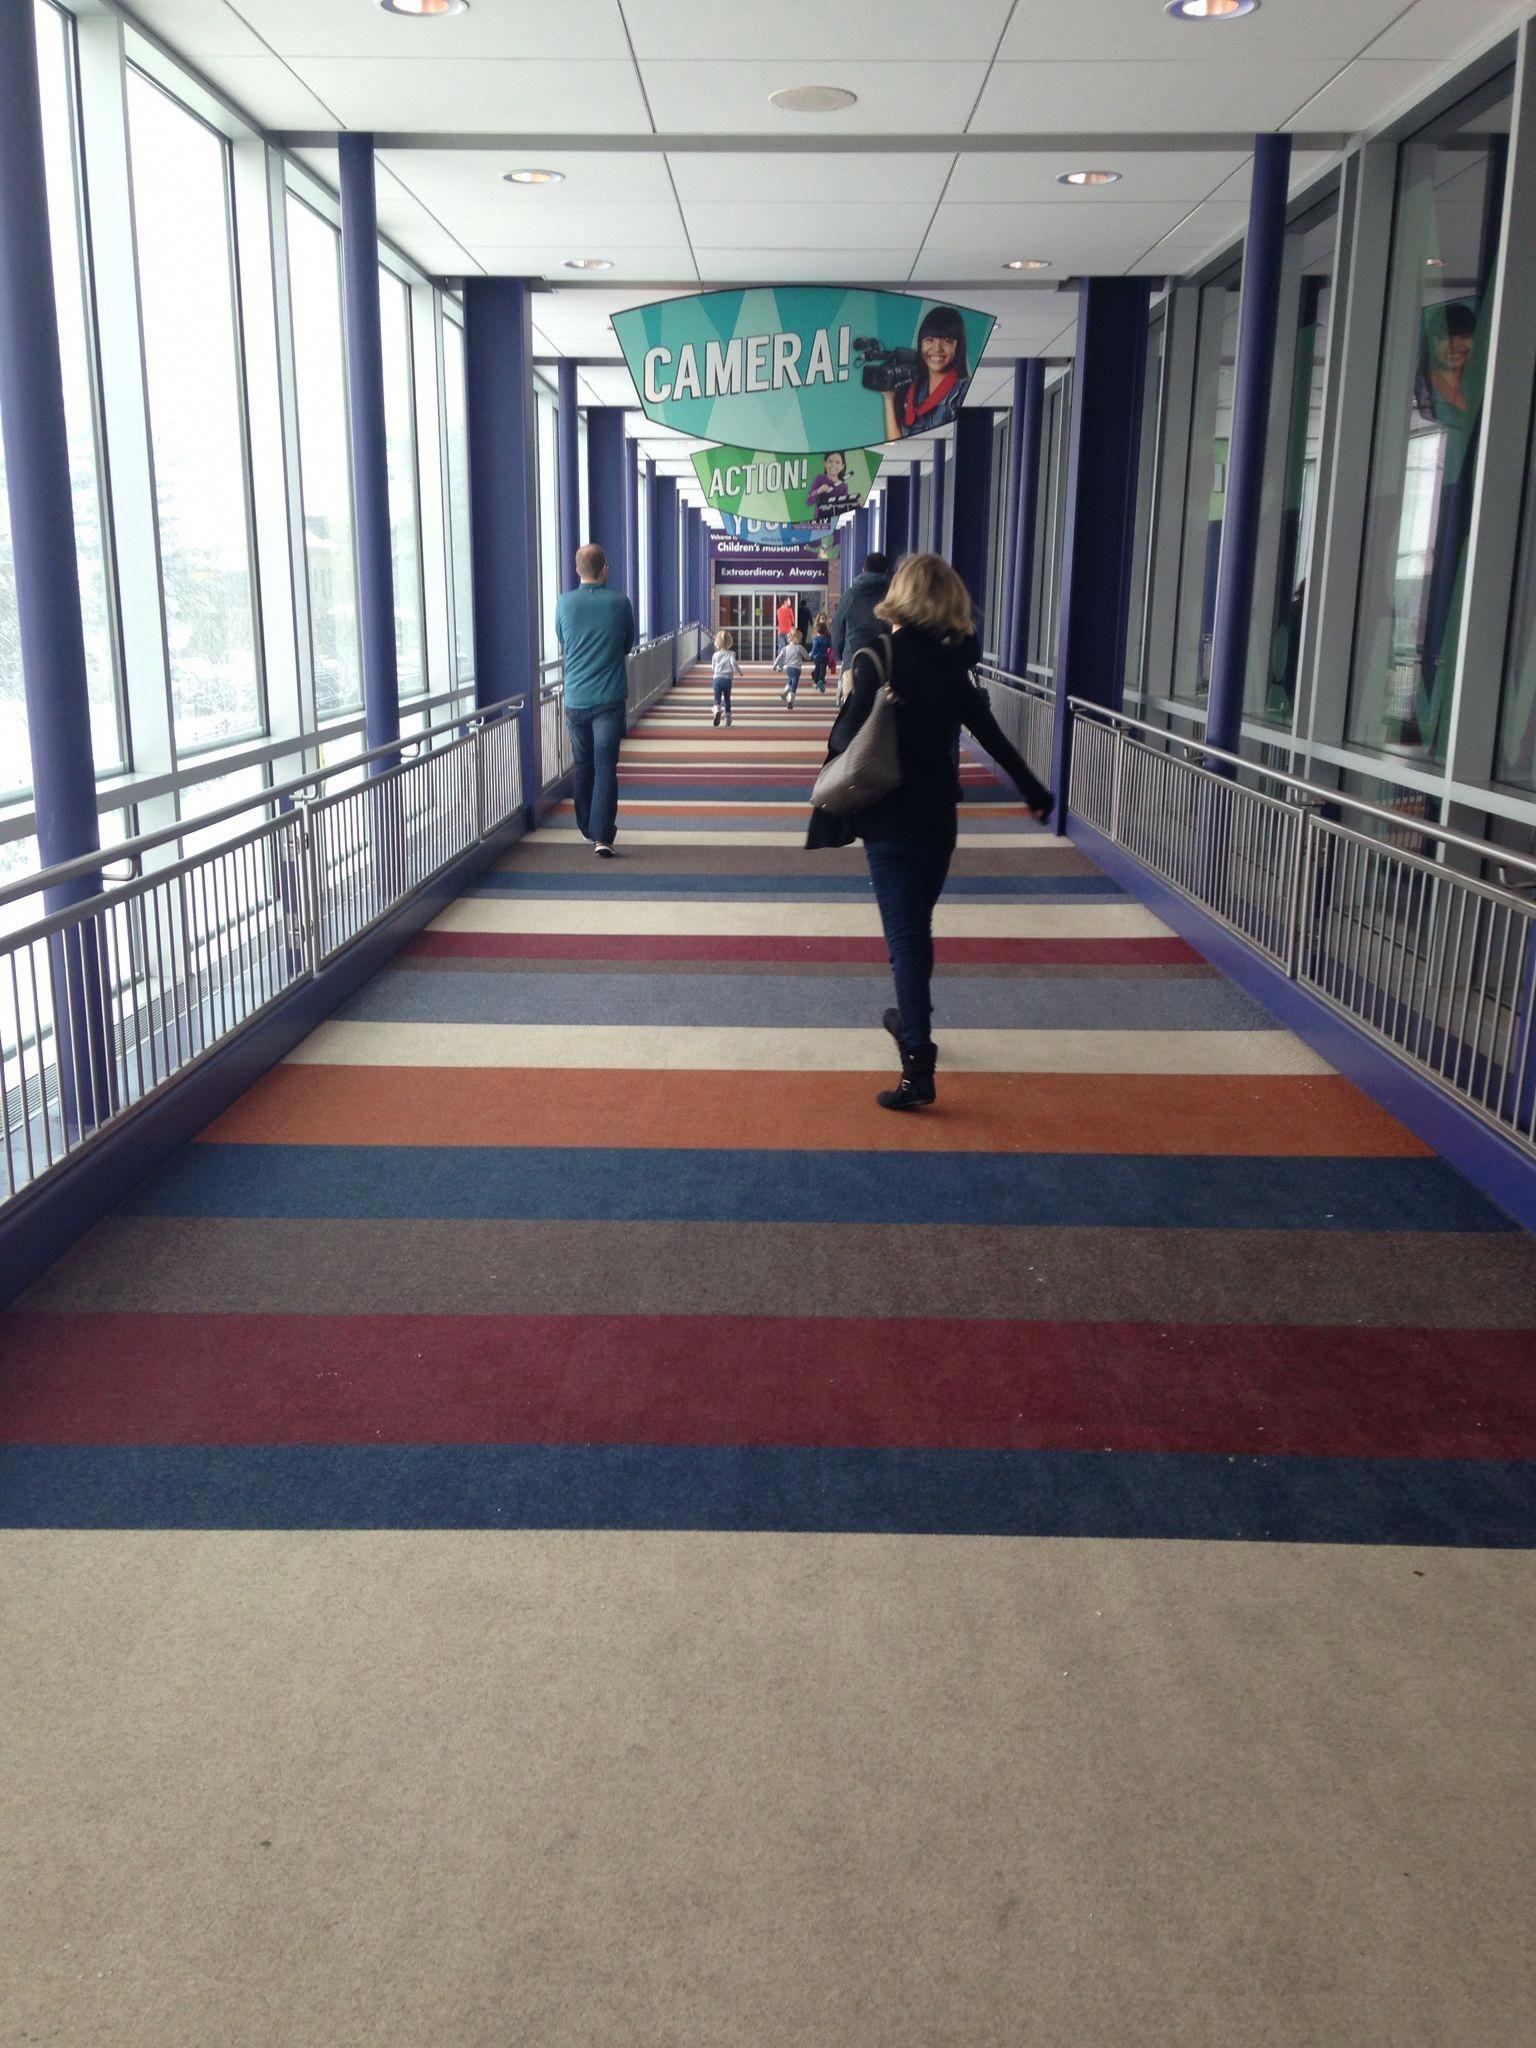 Carpet Runners For Hardwood Floors Info 3846240037 in